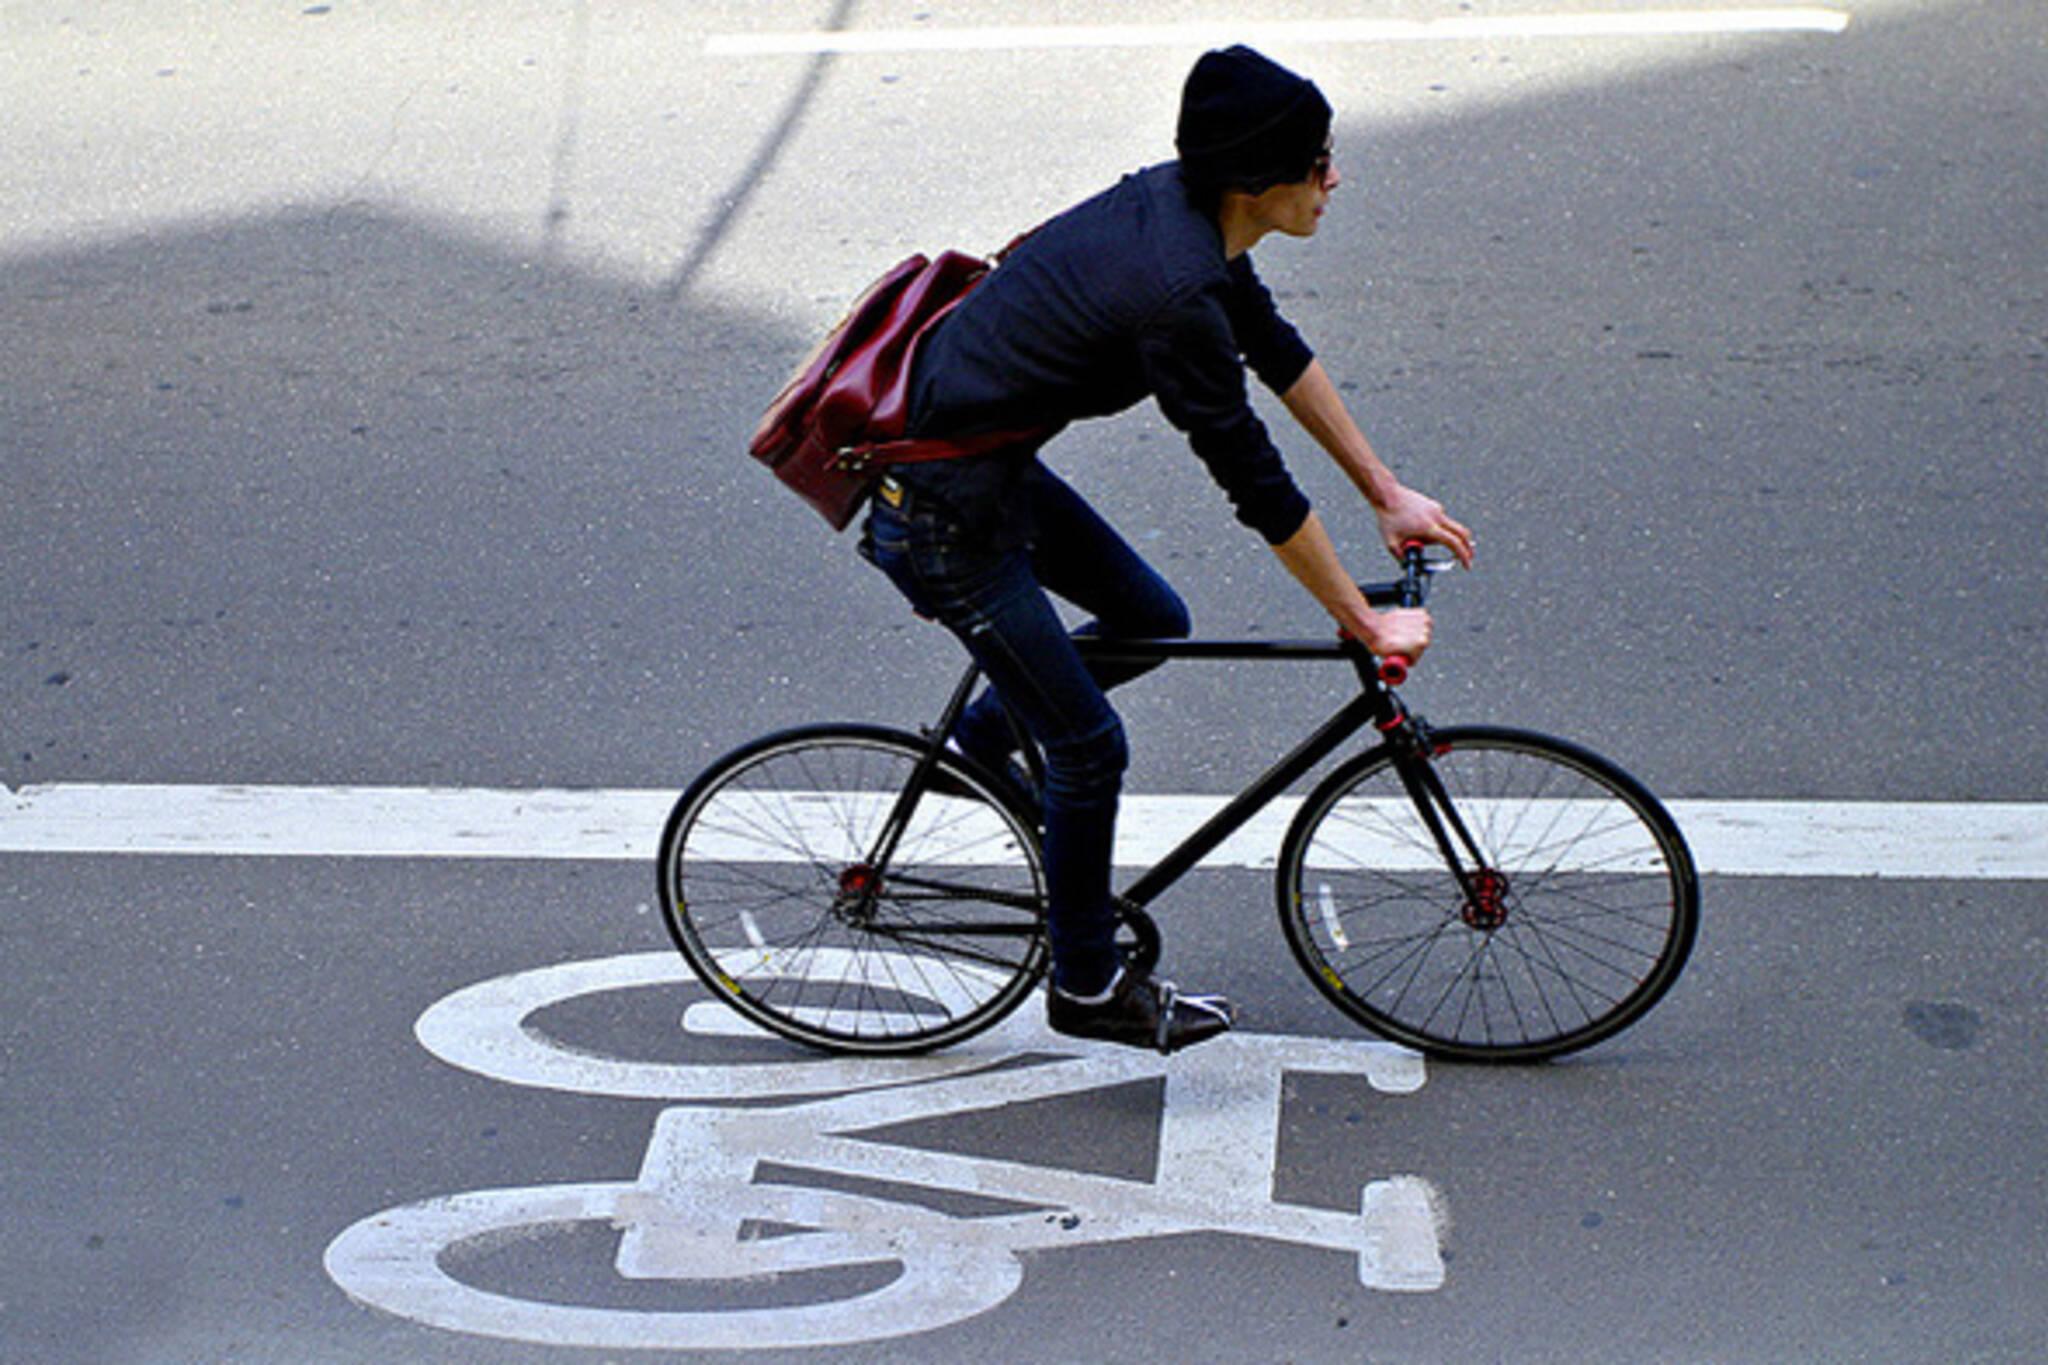 Dupont Bike Lane